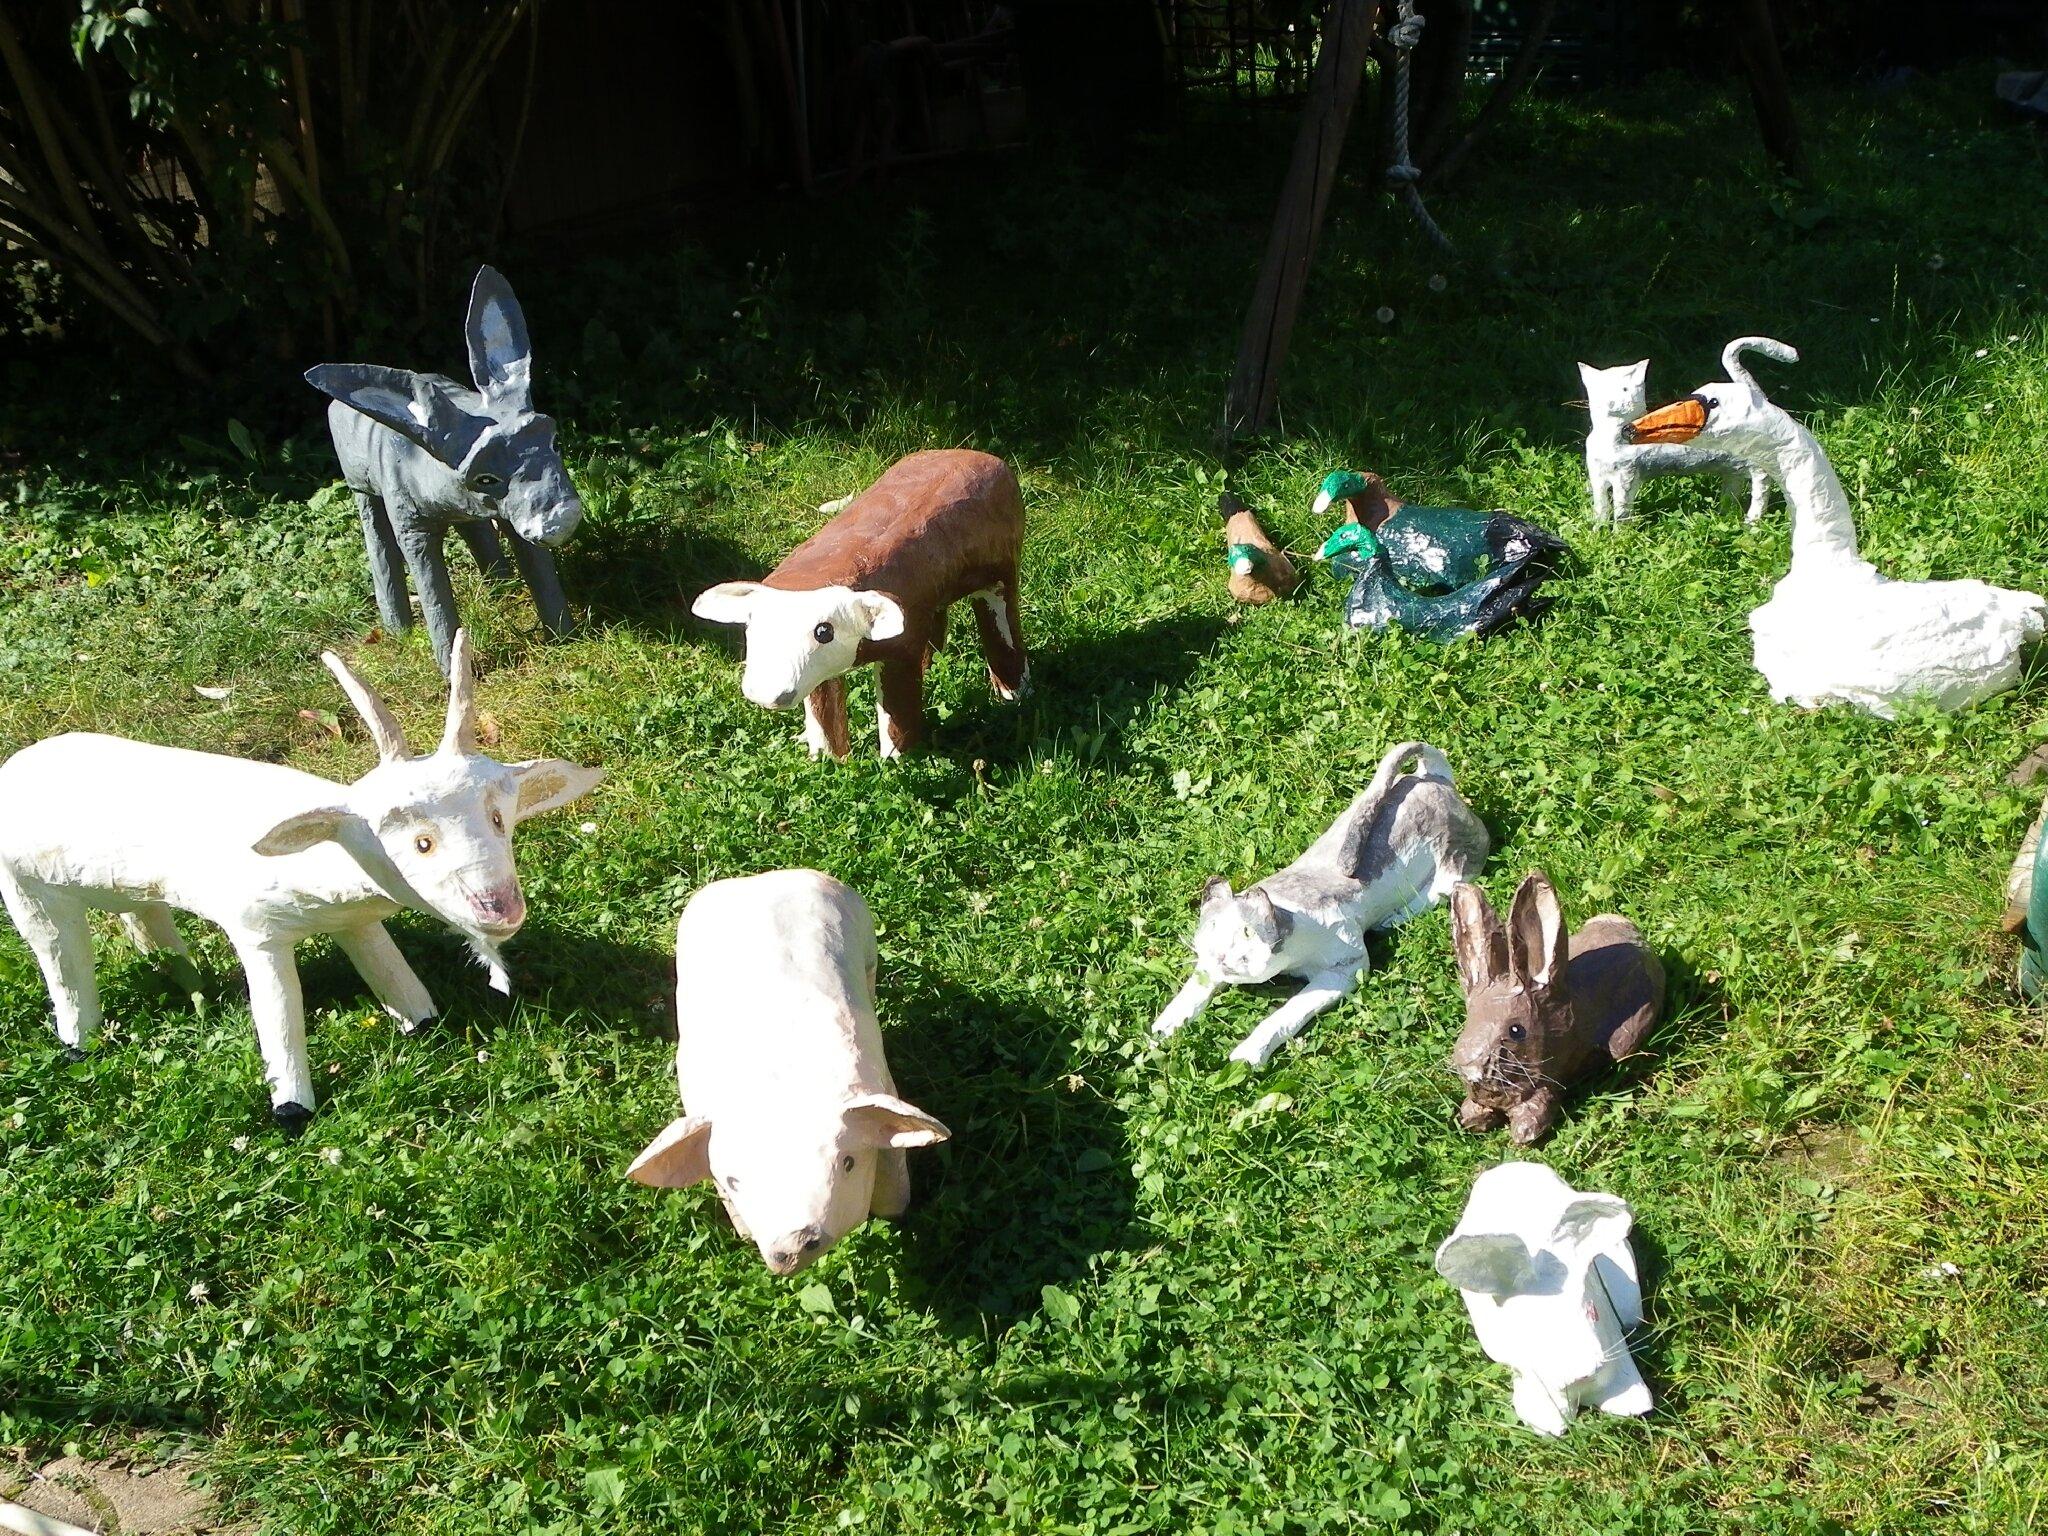 les animaux de la ferme photo de creations en papier mache les cr ations de katytortue. Black Bedroom Furniture Sets. Home Design Ideas